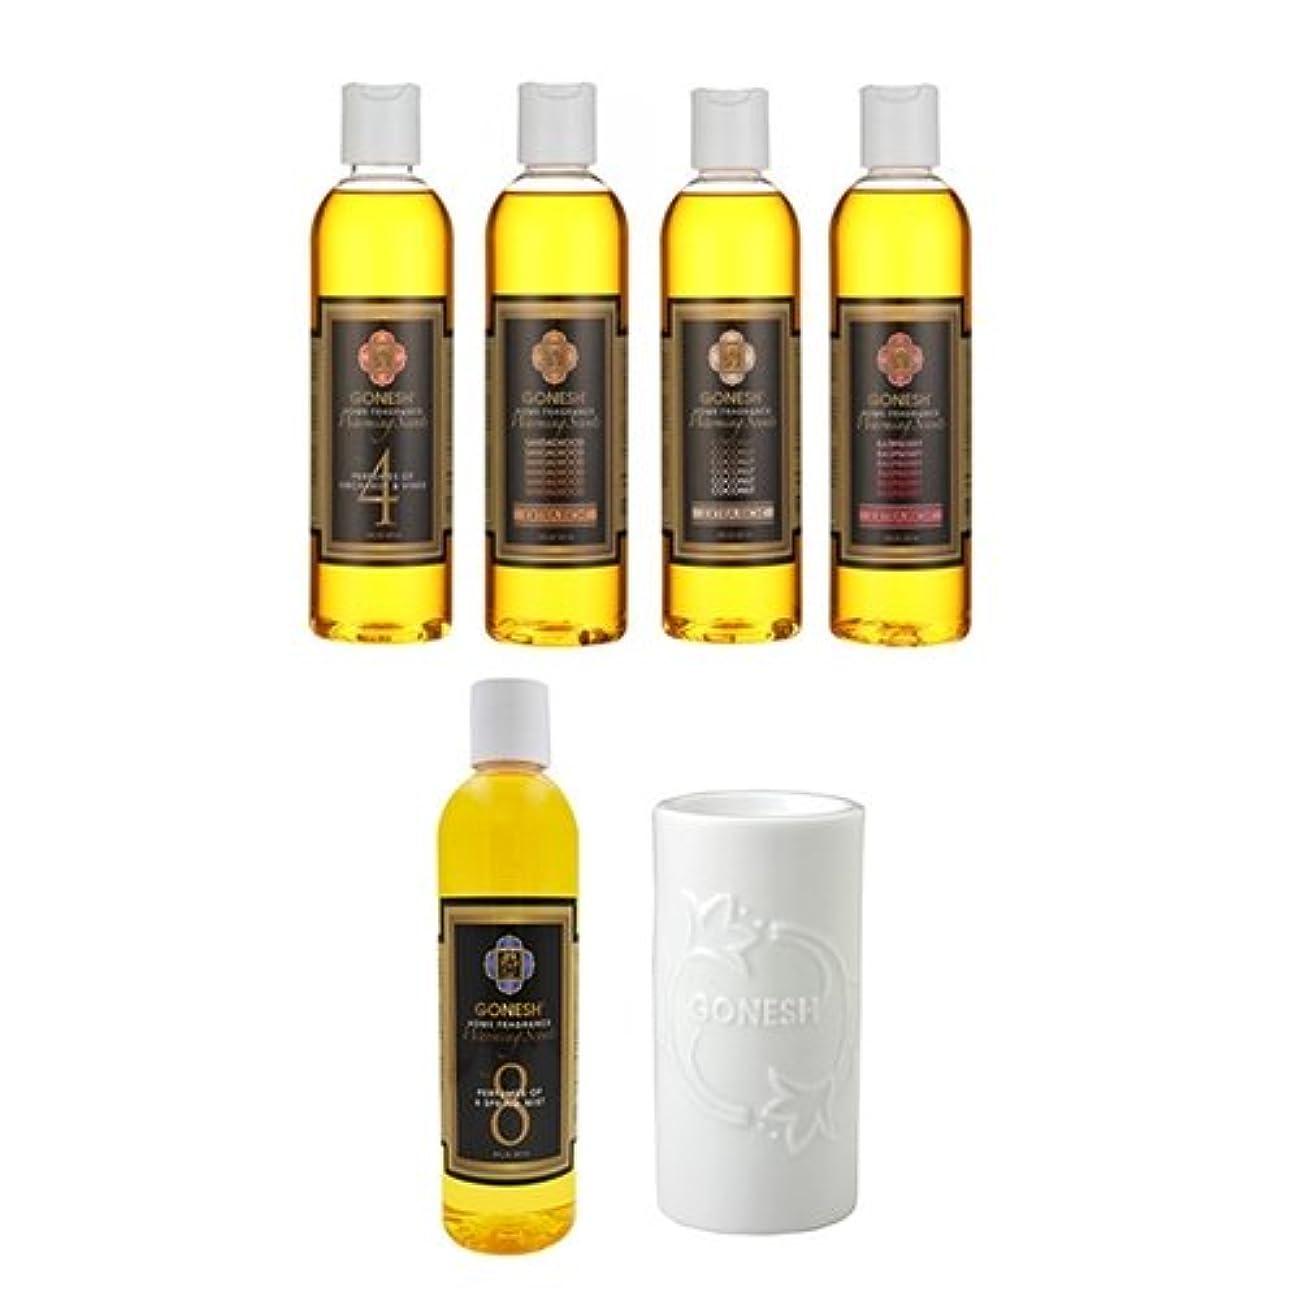 生非武装化虐待ガーネッシュ GONESH ウォーミングセント5つ(No.4、8、COCONUT、RASPBERRY、SANDALWOOD) の香りが楽しめるアロマバーナーセット 日本国内正規品